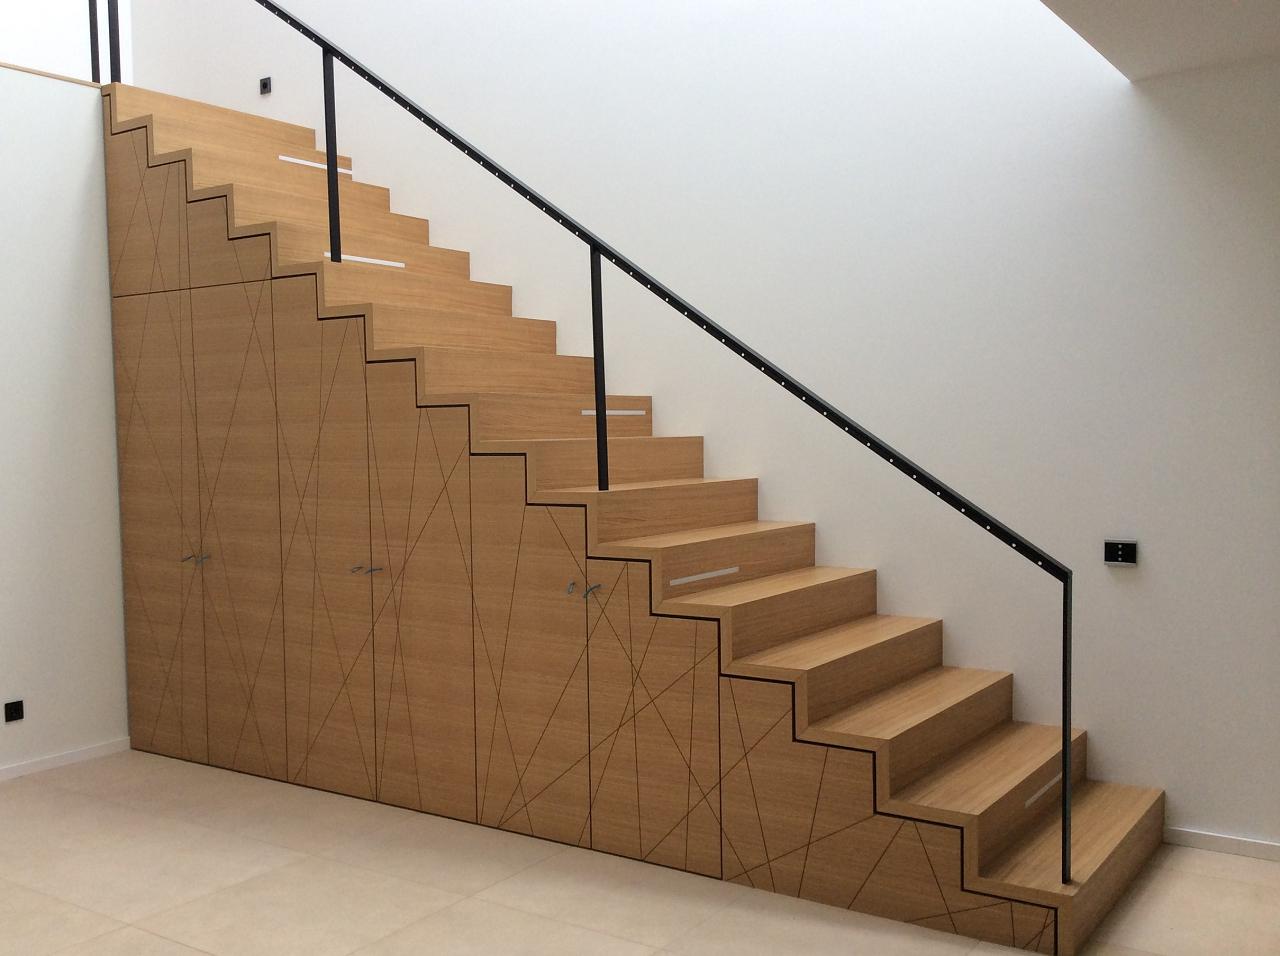 Tischlerei Dresden Sonderanfertigung Treppe